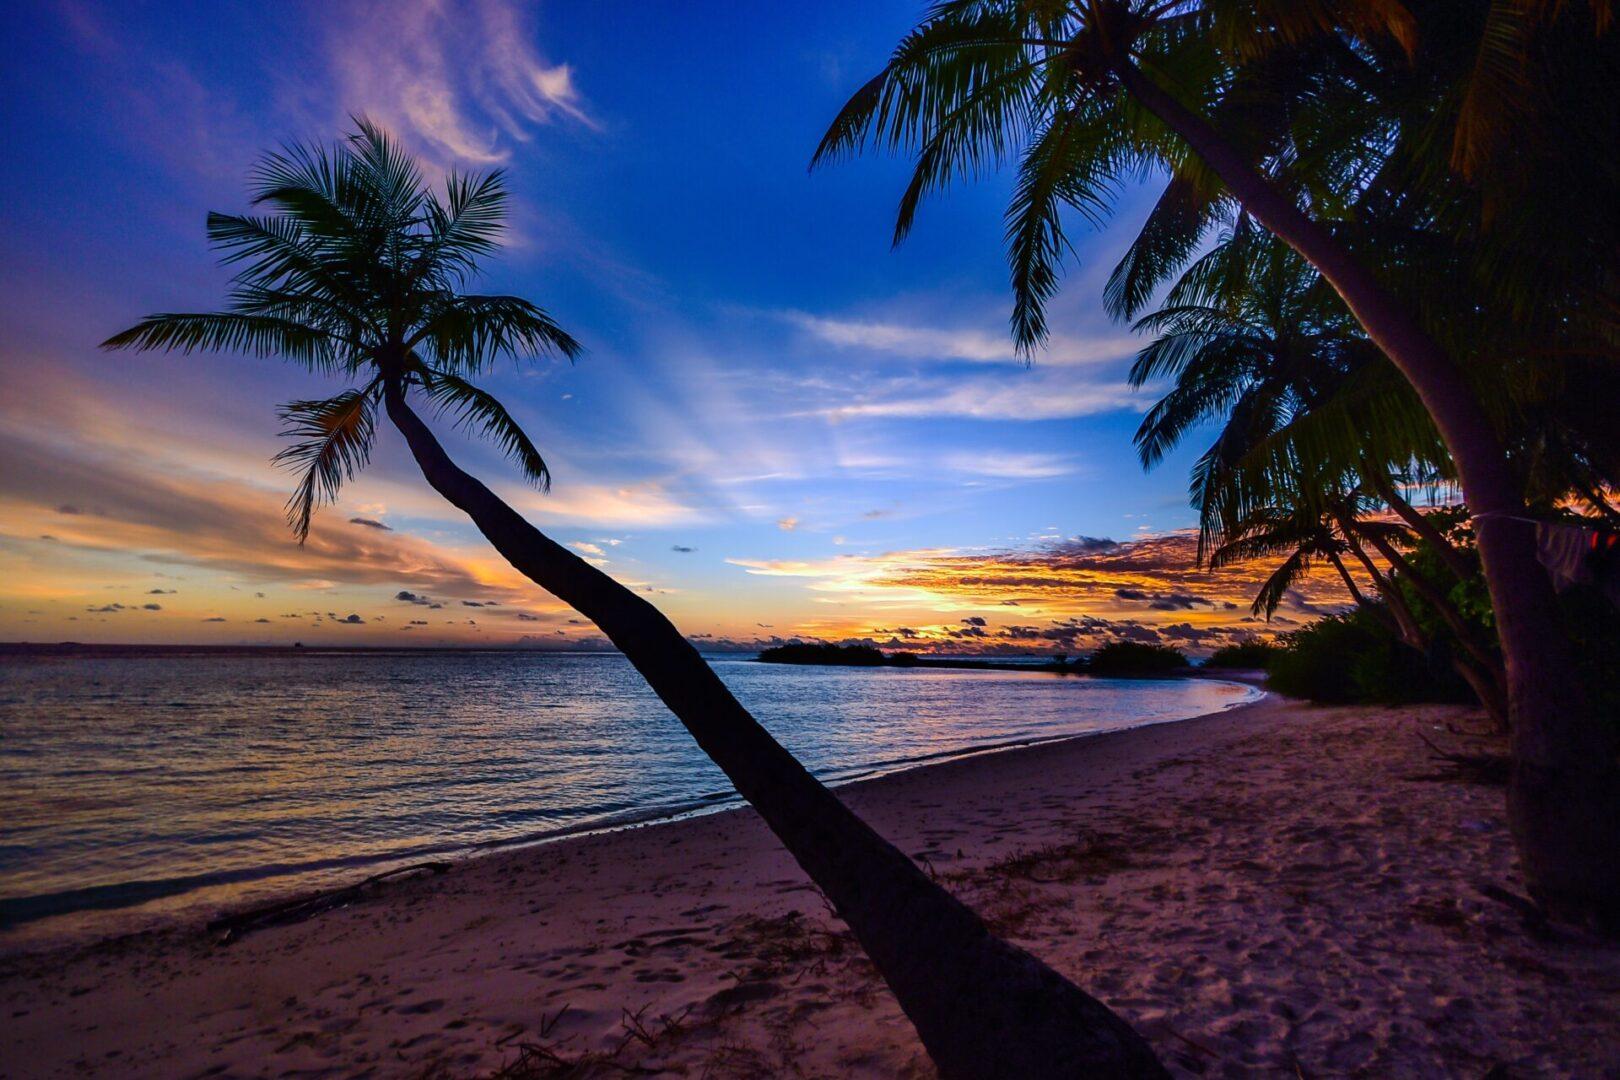 pexels-asad-photo-maldives-457876 (2)